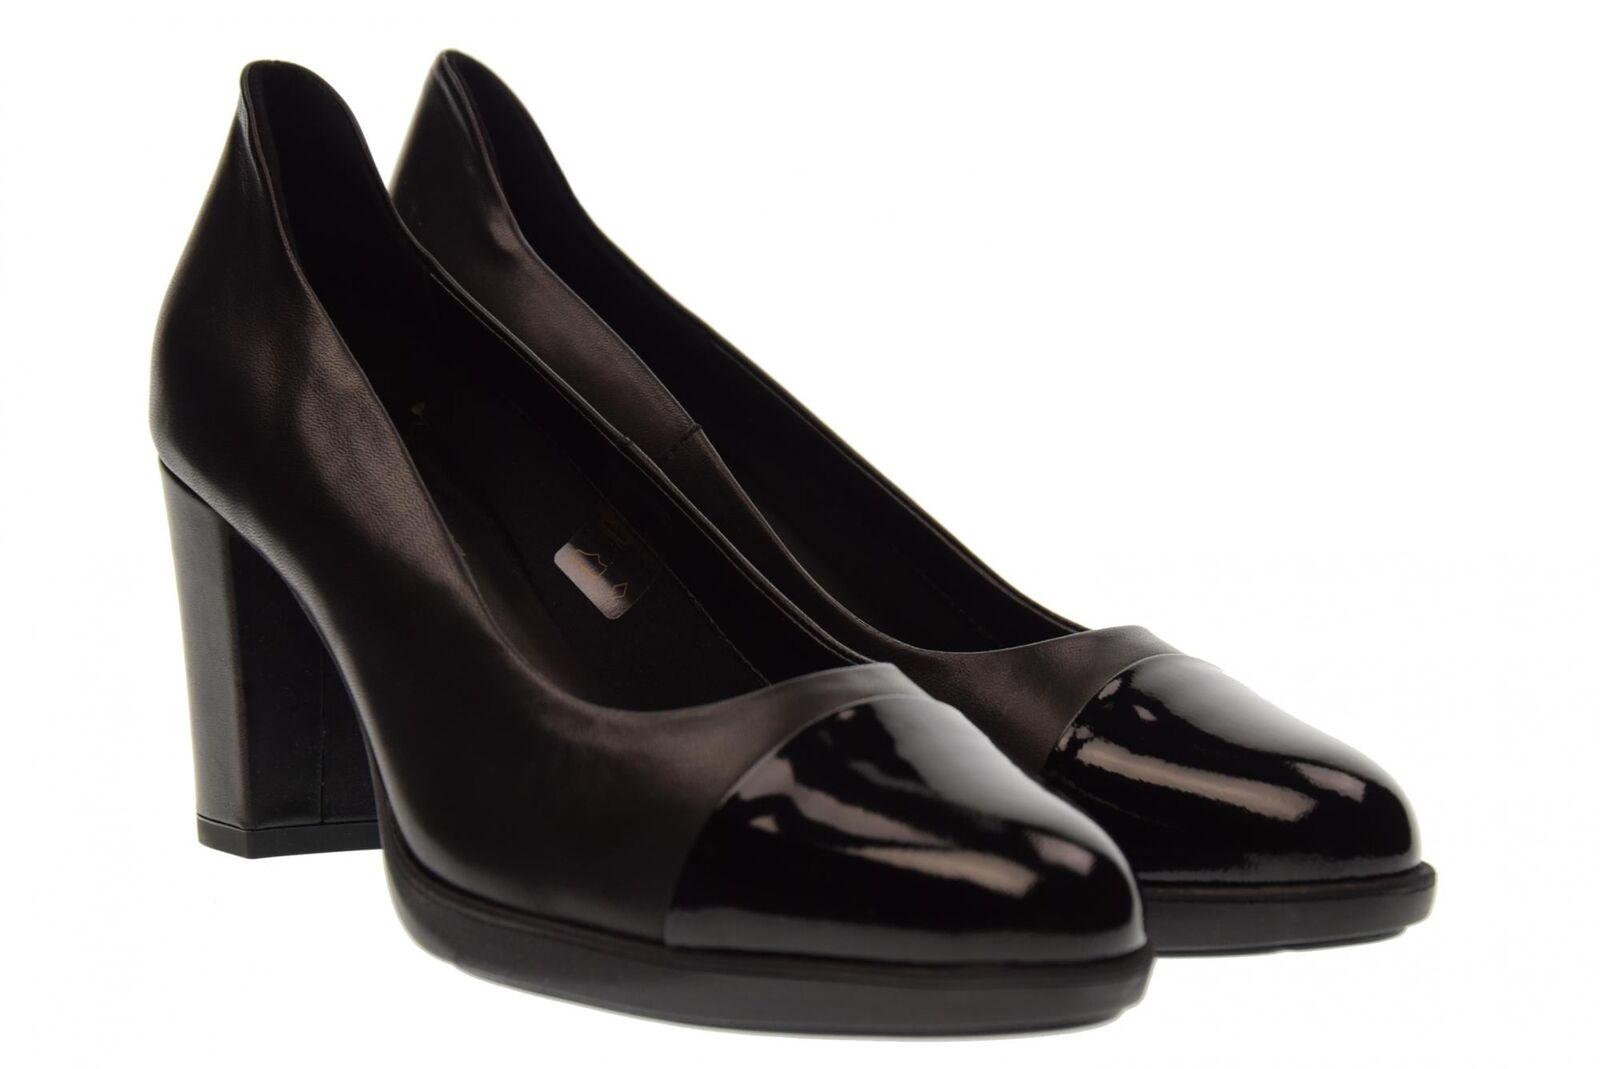 The con Flexx scarpe donna donna donna decolletè con The tacco B652 13 NERO A17   cd4f6f